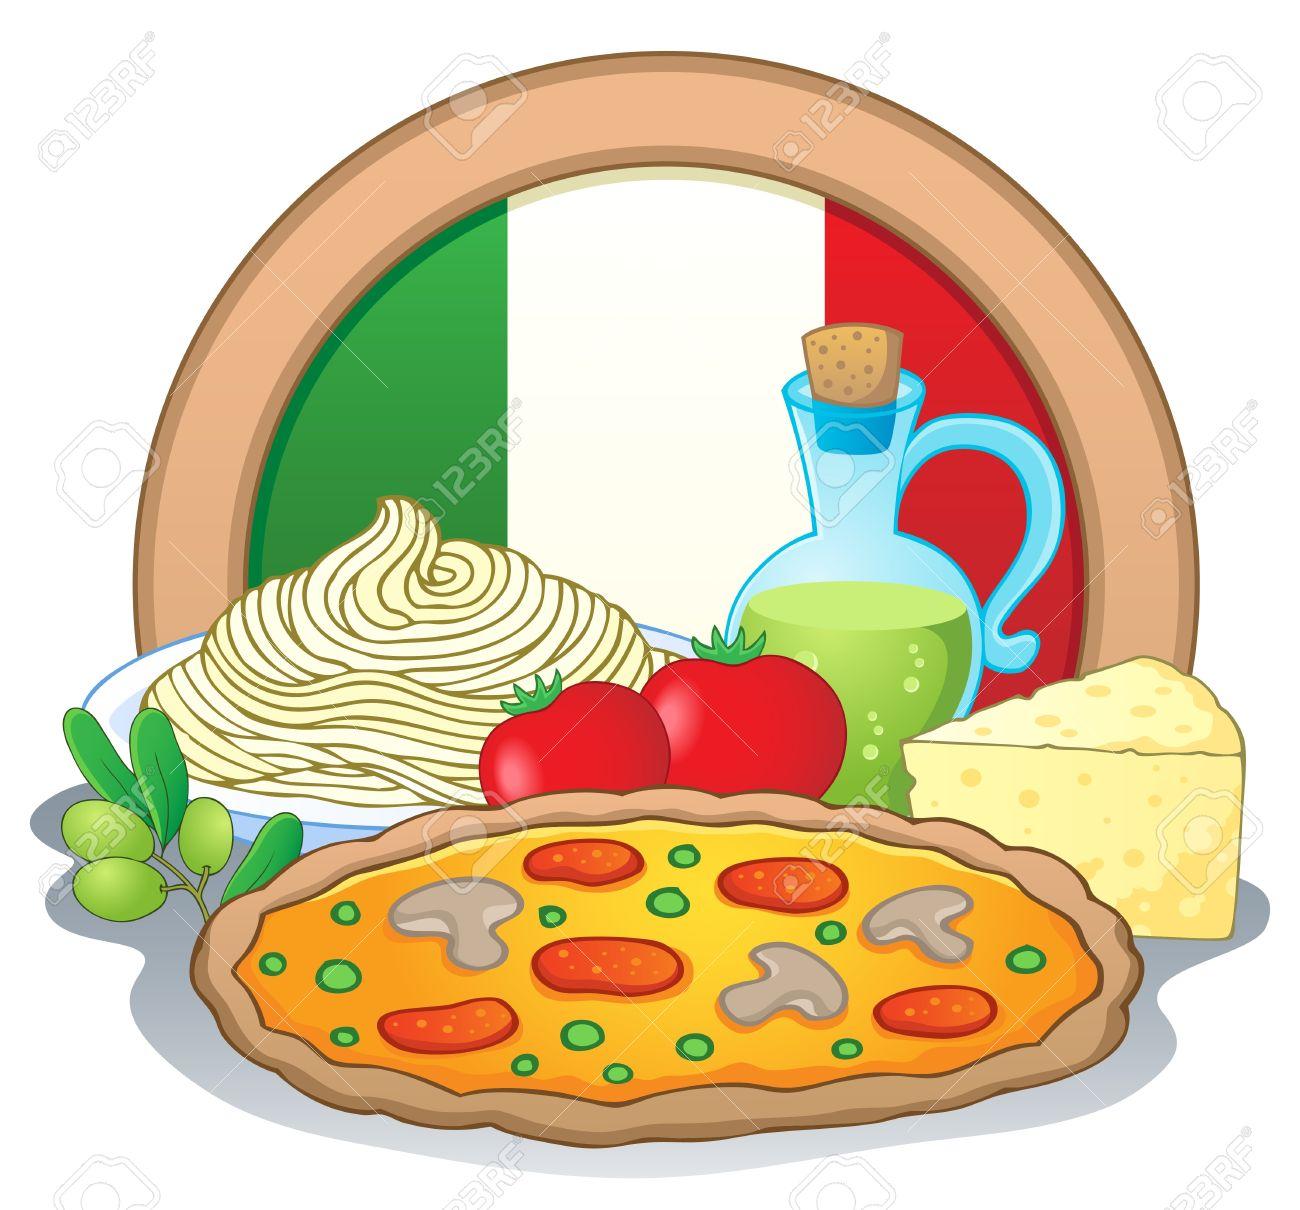 イタリア料理テーマ イメージ 1 ベクトル イラストのイラスト素材